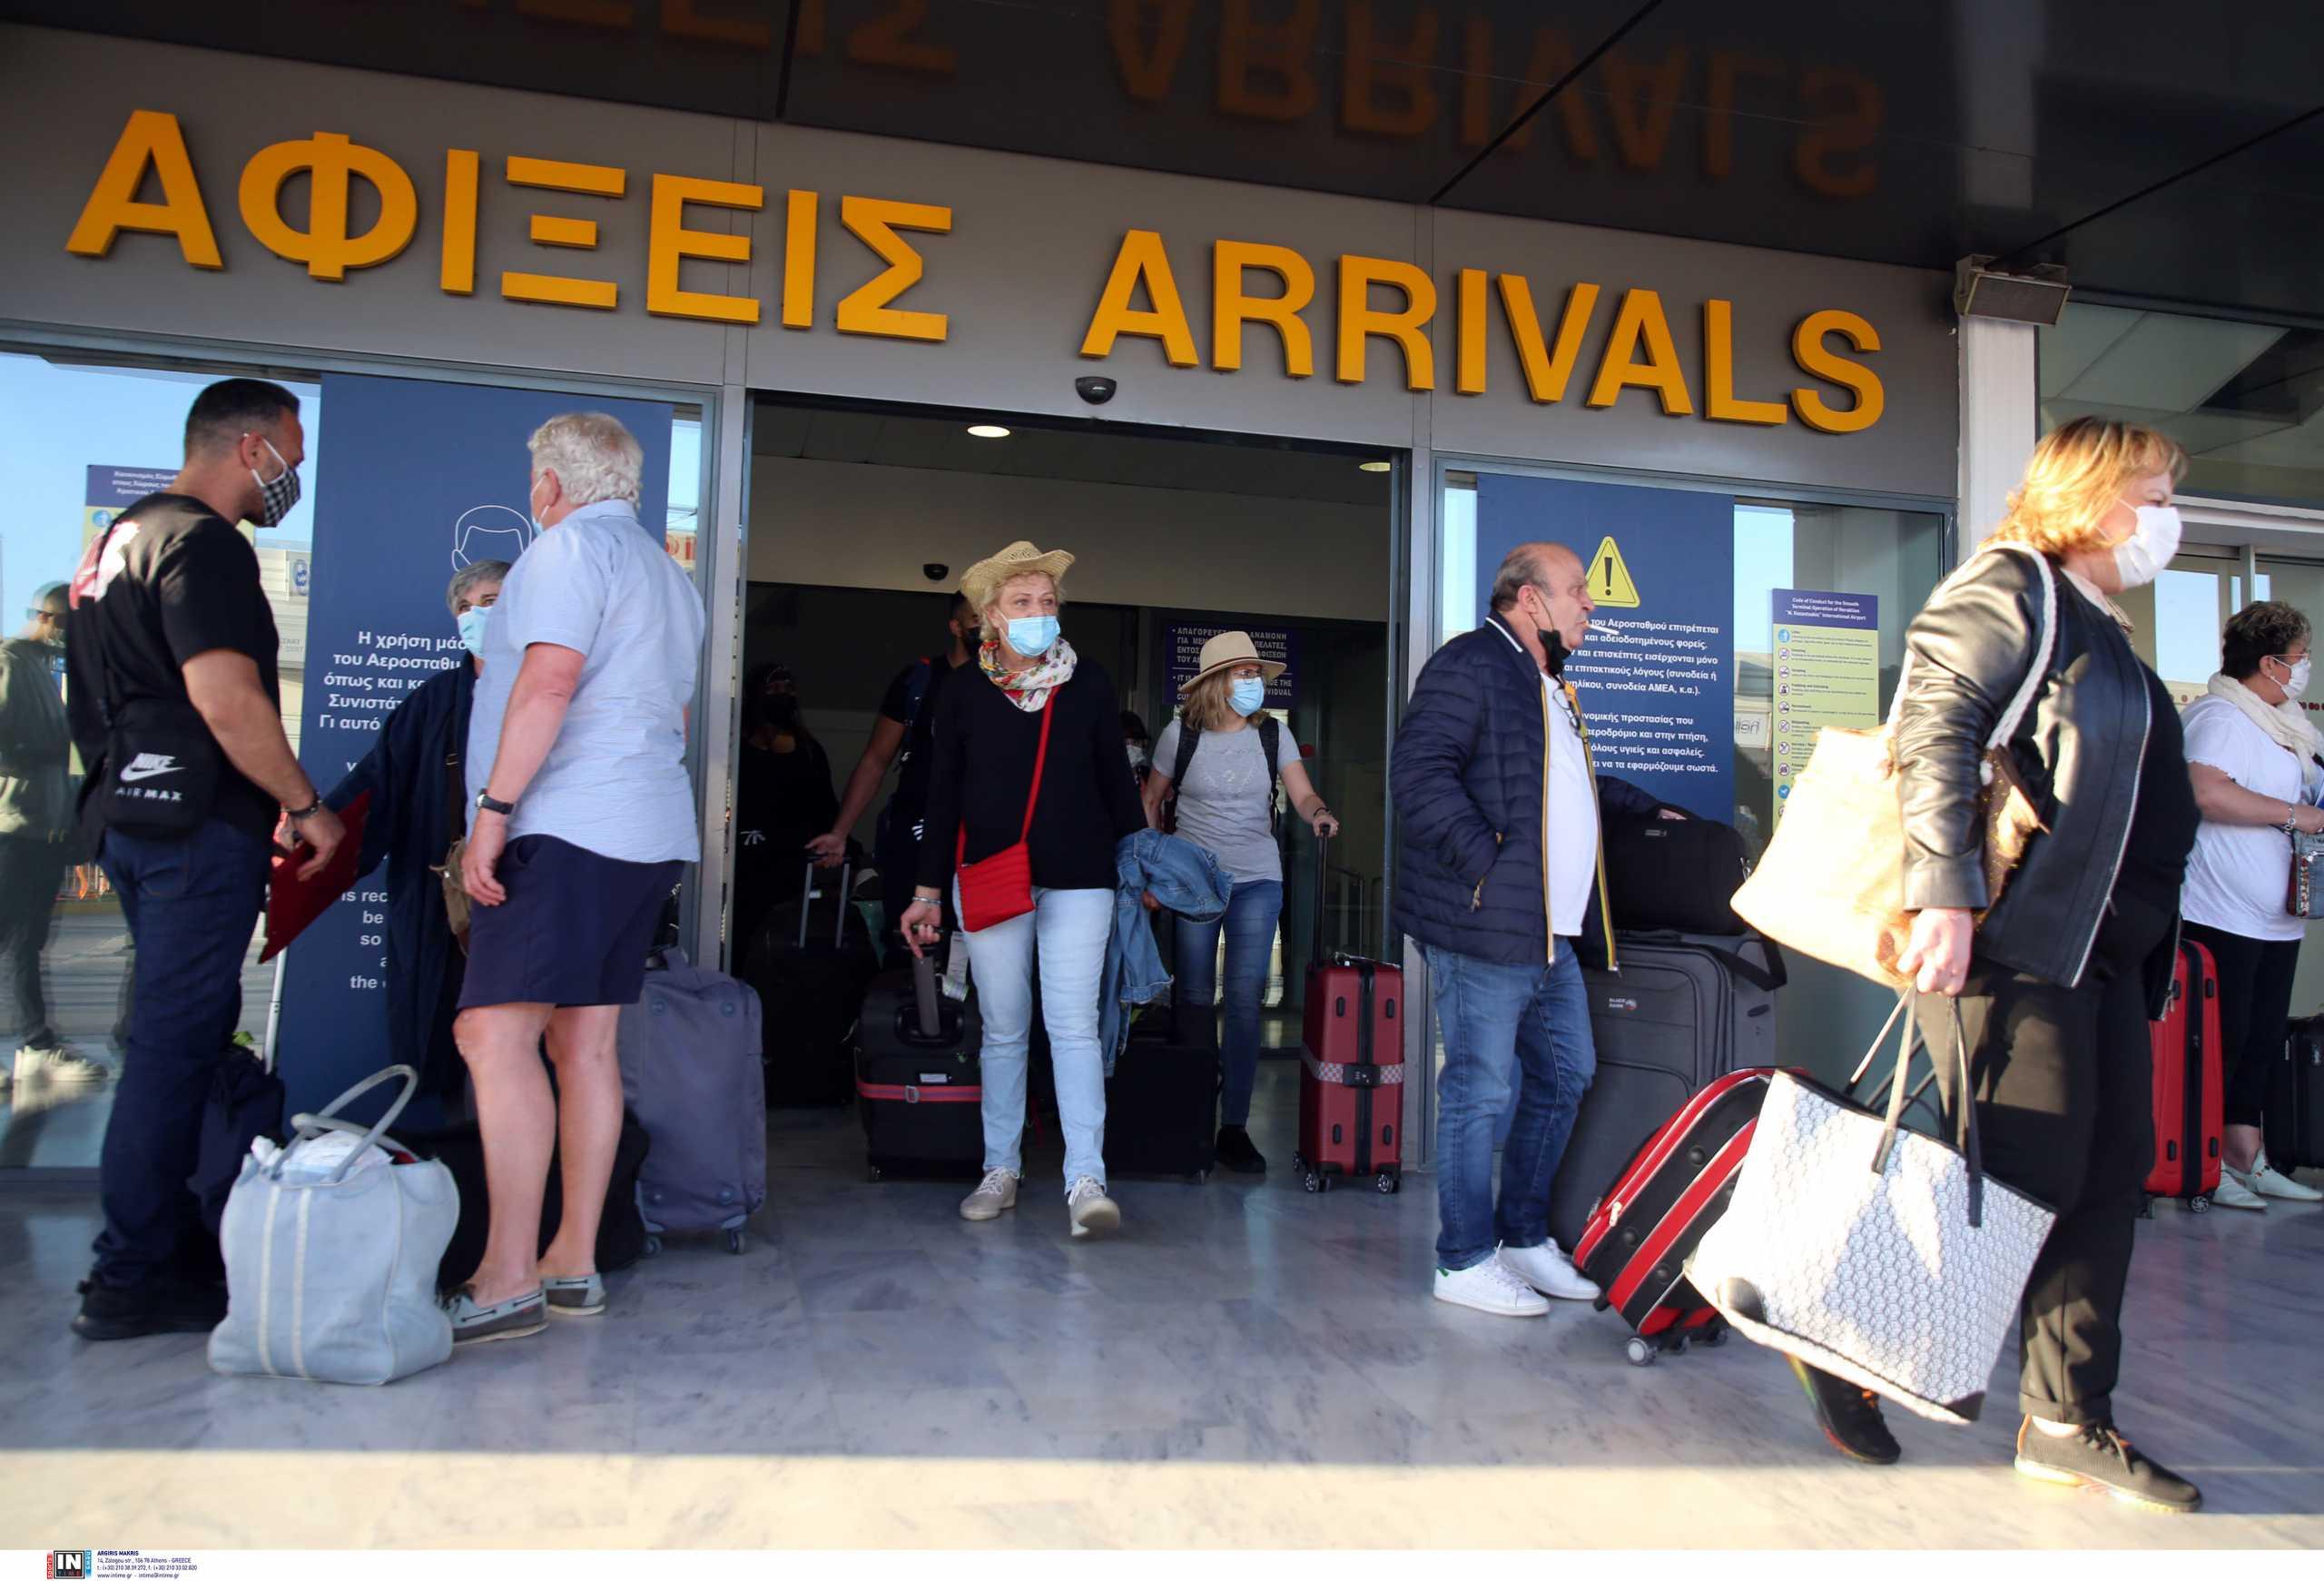 Παπαευαγγέλου: Η Ελλάδα θα δέχεται όλα τα εμβόλια, εγκεκριμένα και μη από τον ΕΜΑ, για την είσοδο των τουριστών